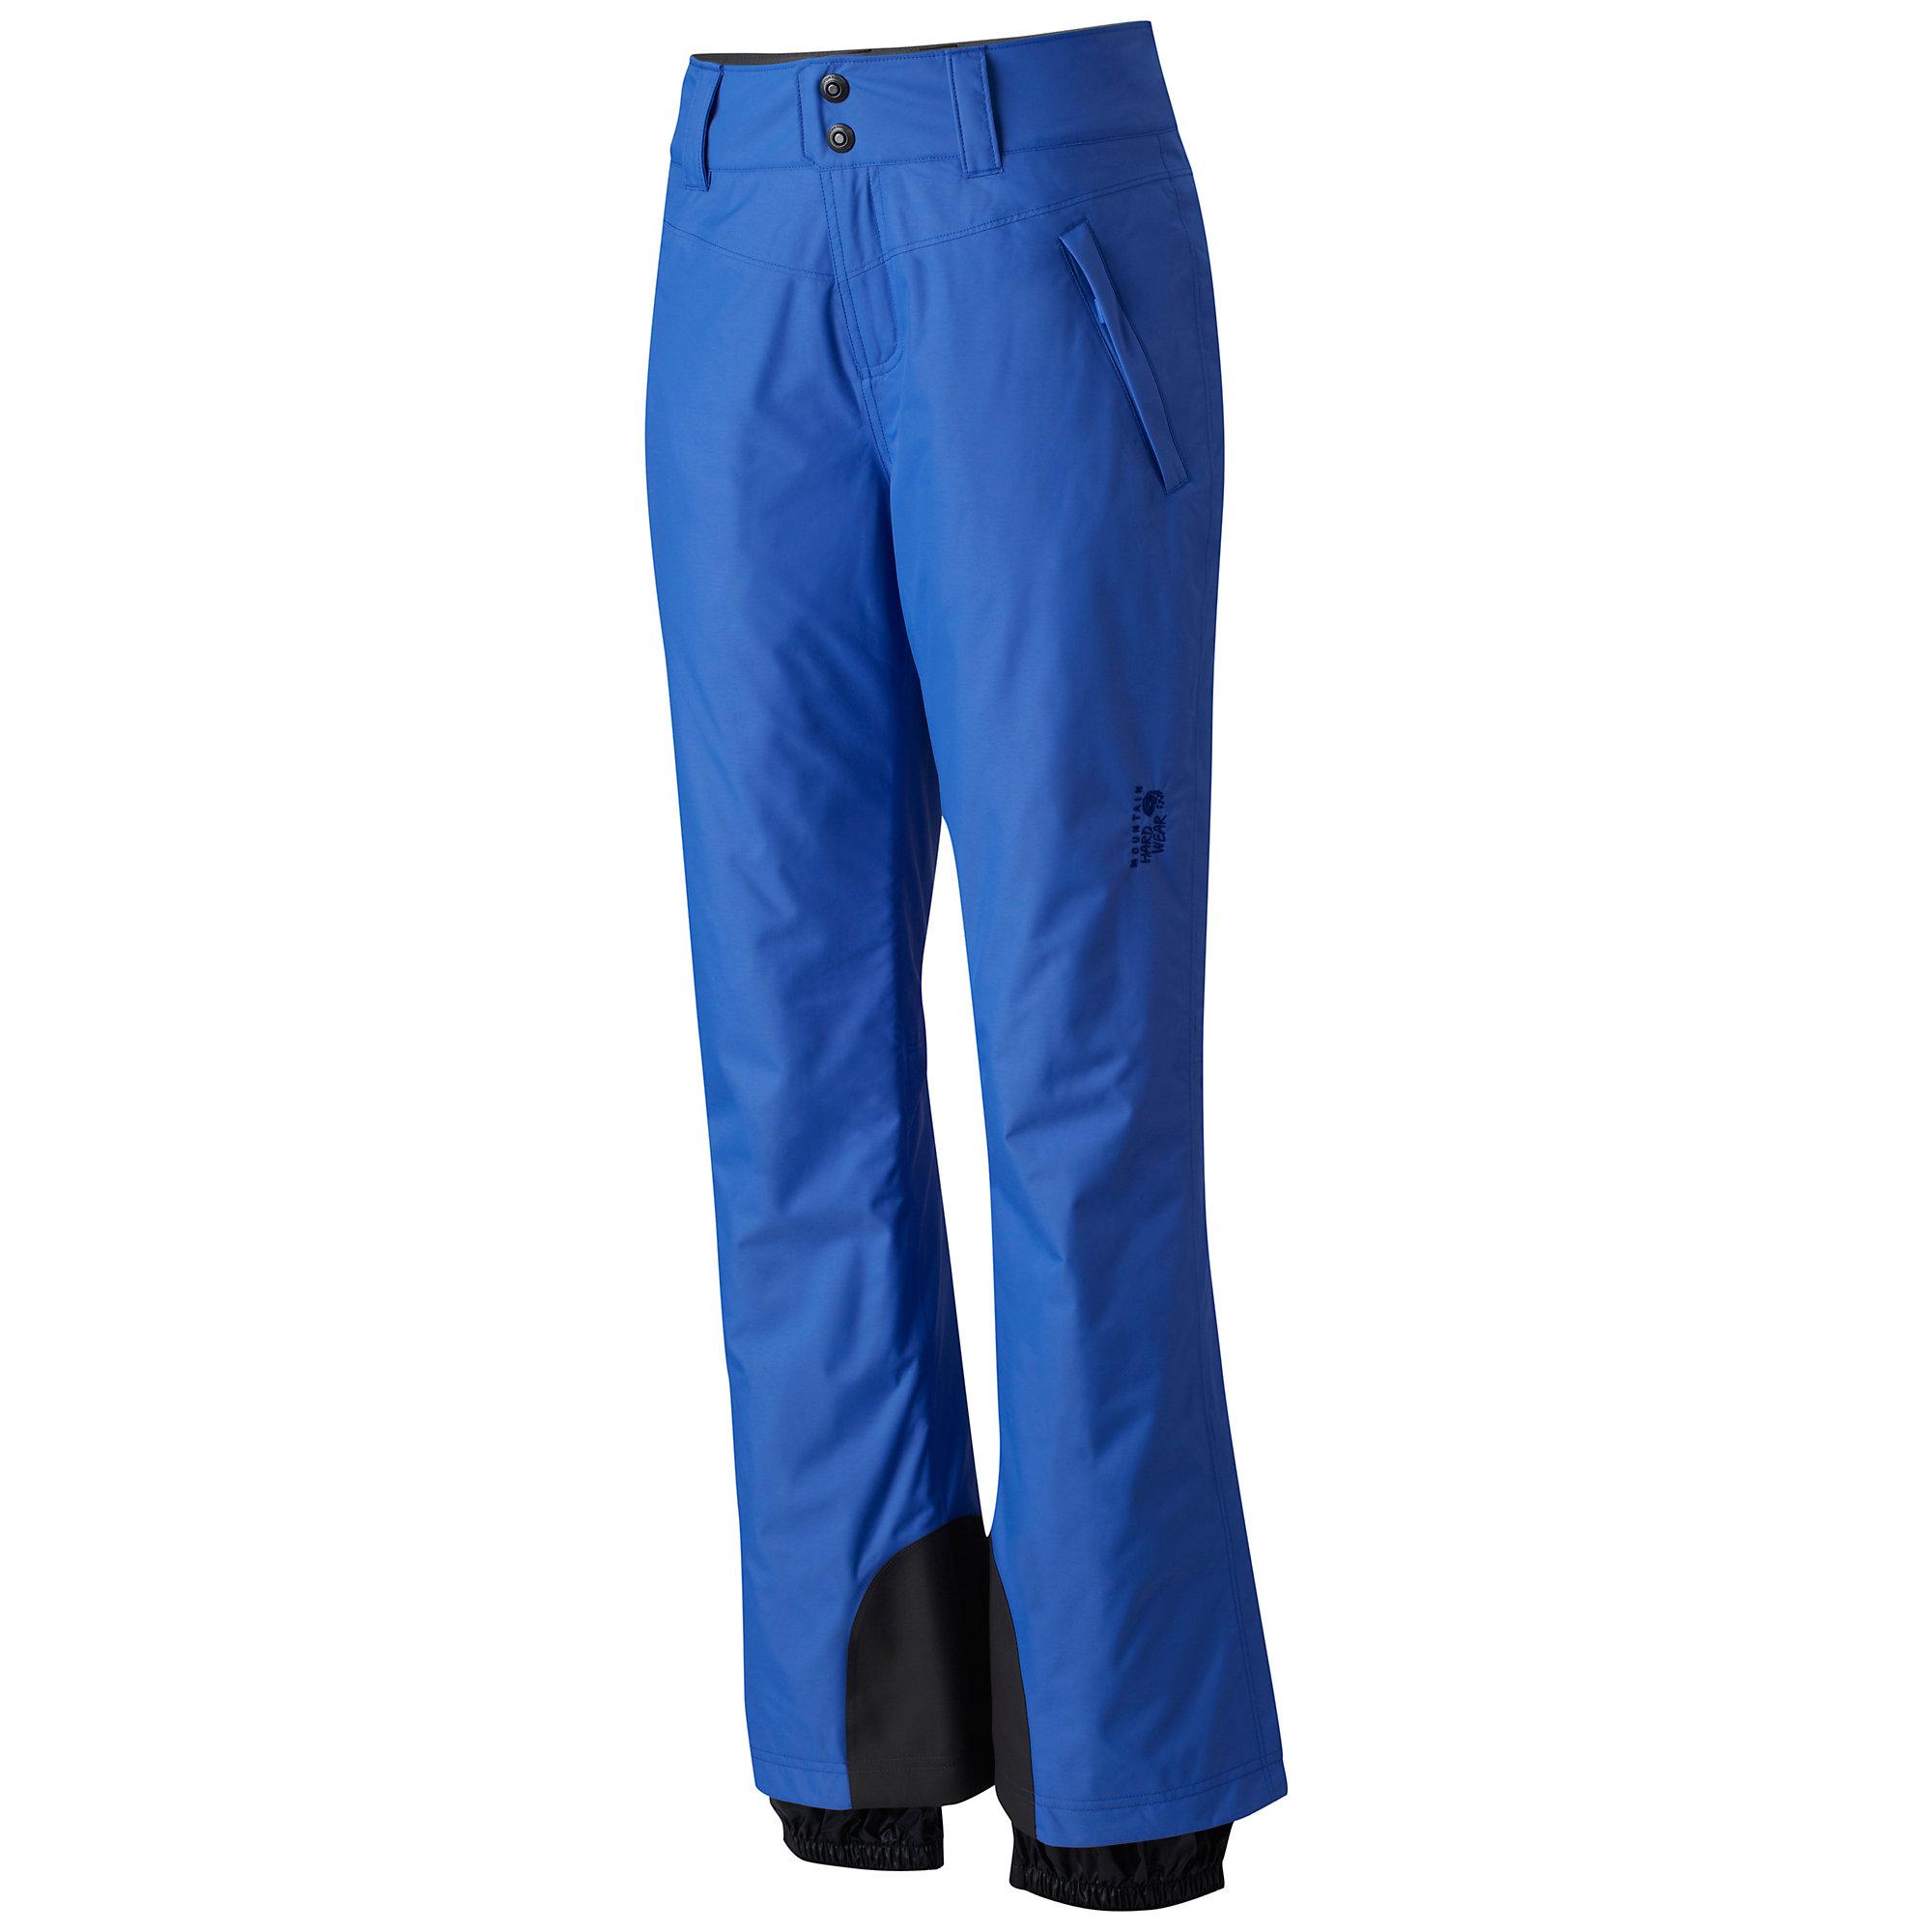 Mountain Hardwear Follow Me Pant